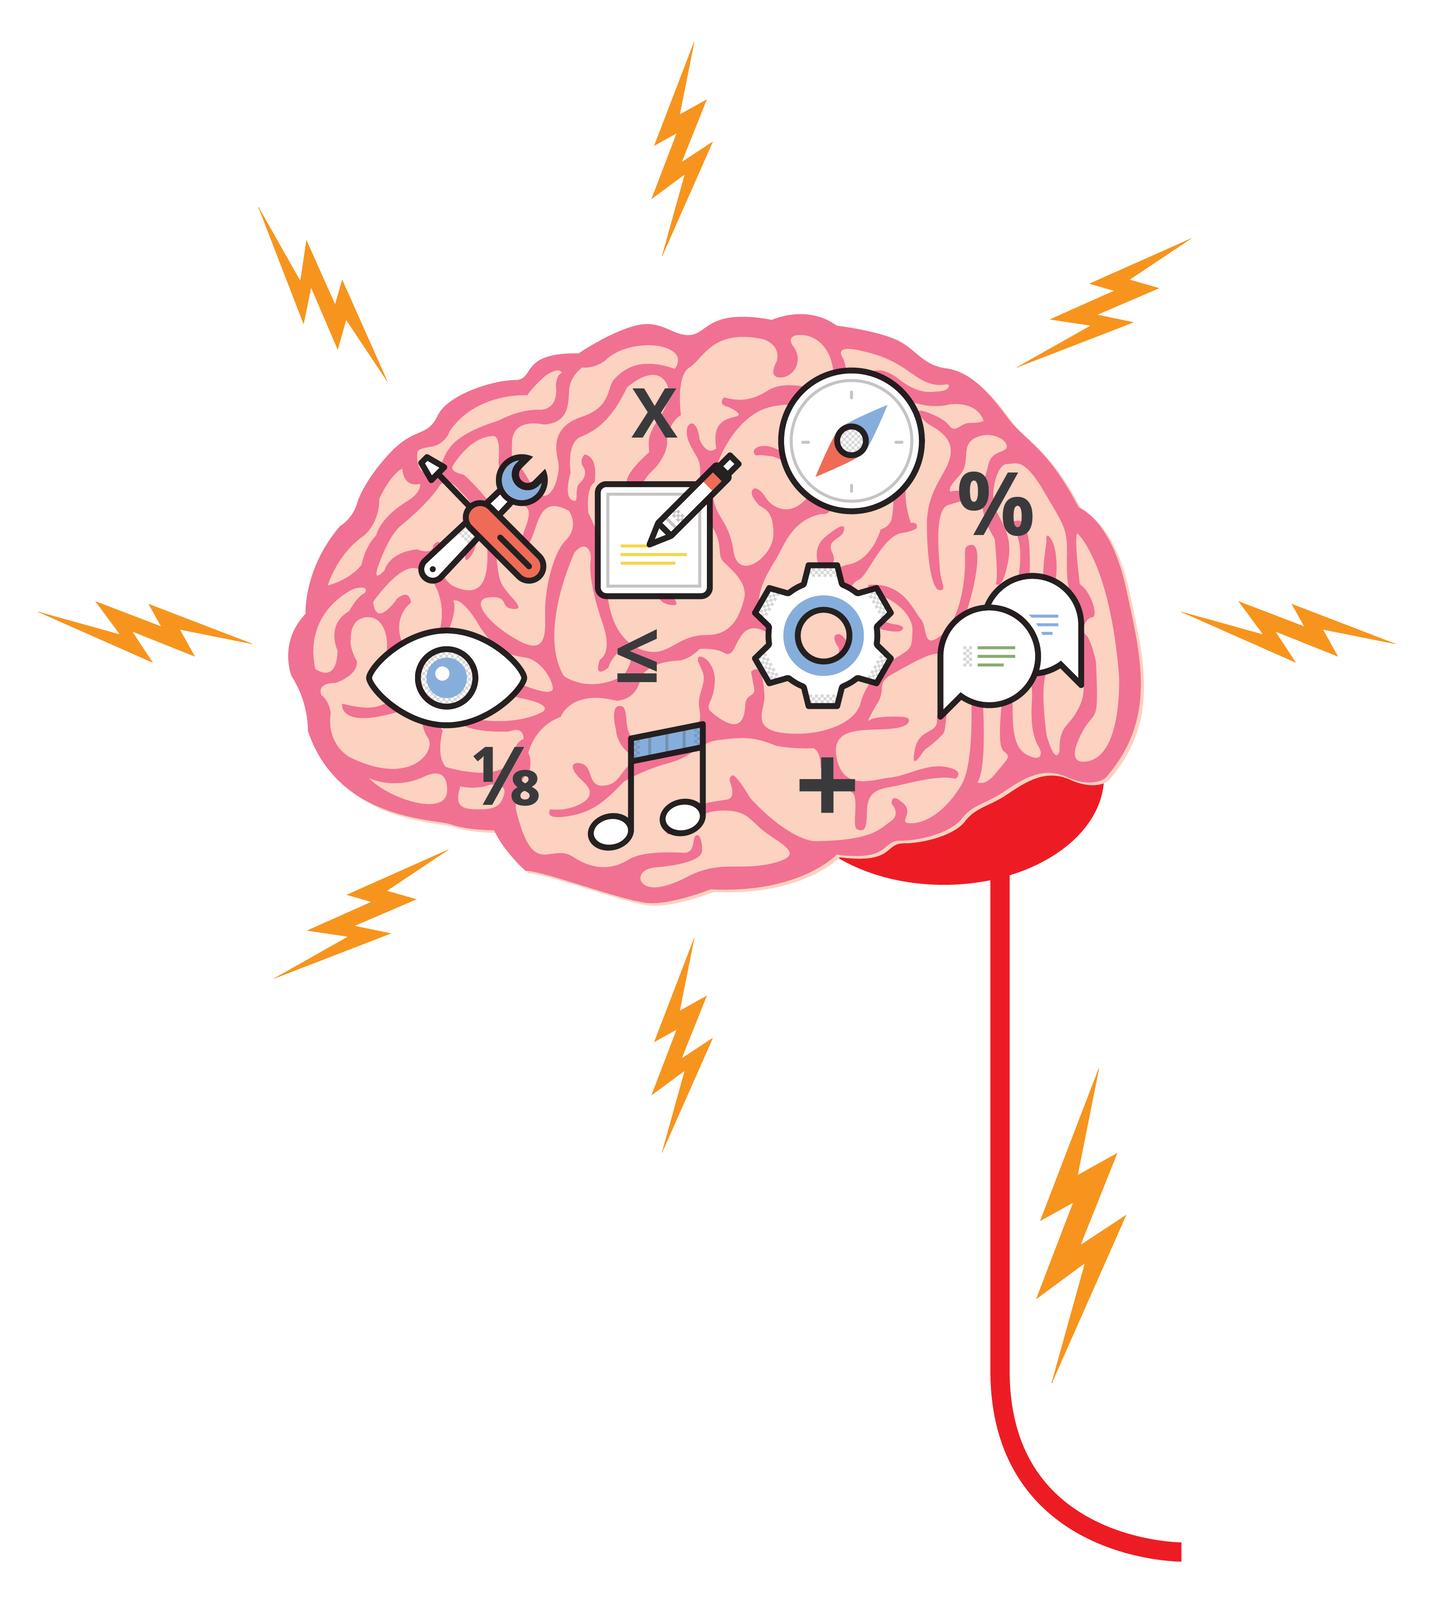 Ilustracja przedstawia rysunek mózgowia człowieka – różowy , pofałdowany mózg, czerwony móżdżek iwychodzący zniego rdzeń kręgowy. Żółte błyskawice dookoła symbolizują impulsy nerwowe. Stale działają one na mózg, pobudzając go do pracy. Na powierzchni mózgu schematyczne rysunki przedstawiają różne aktywności jego obszarów. Okrągły kompas to wyczucie kierunku, dymki czatu to emocje iaktywność werbalna, koło zębate to działanie, nuta to muzyka, oko to zdolność analizowania iprzetwarzania obrazów, narzędzia to zdolności manualne iumiejętność działania, kartka zdługopisem to pisanie. Pomiędzy nimi widać również symbole matematyczne (znak plus, ułamek). Są to działania logiczne.